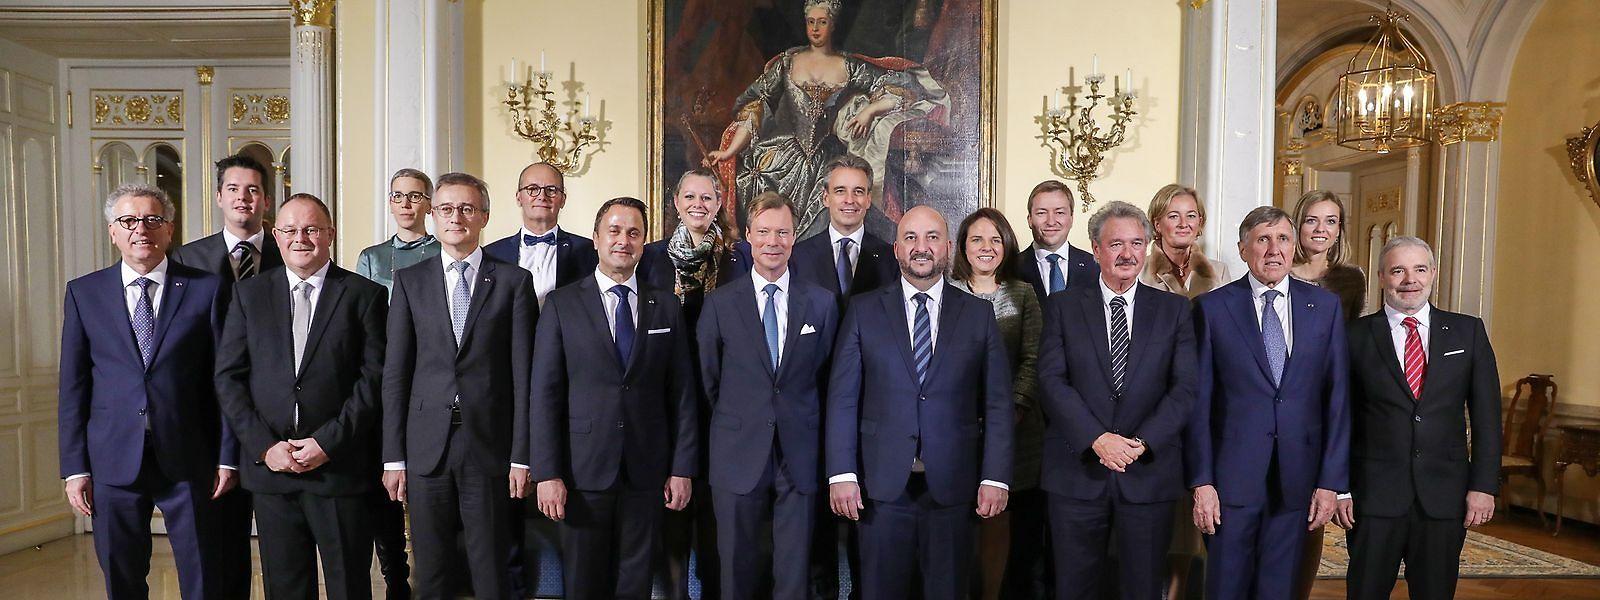 Le gouvernement Bettel II au complet lors de sa nomination en décembre 2018